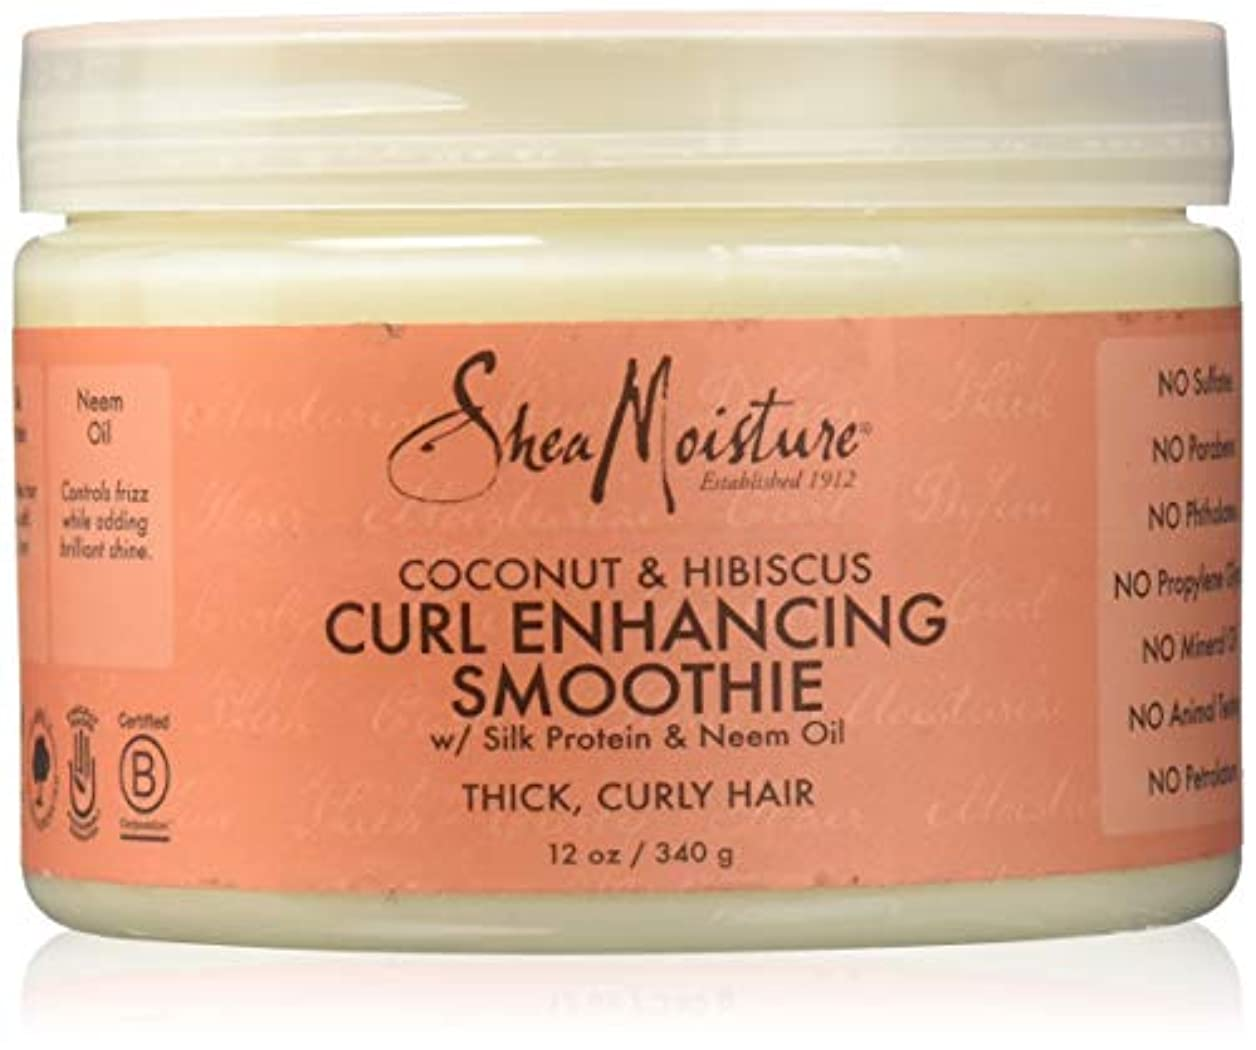 識別現れる感度Shea Moisture Coconut & Hibiscus Curl Hold Smoothie - 12 OZ.